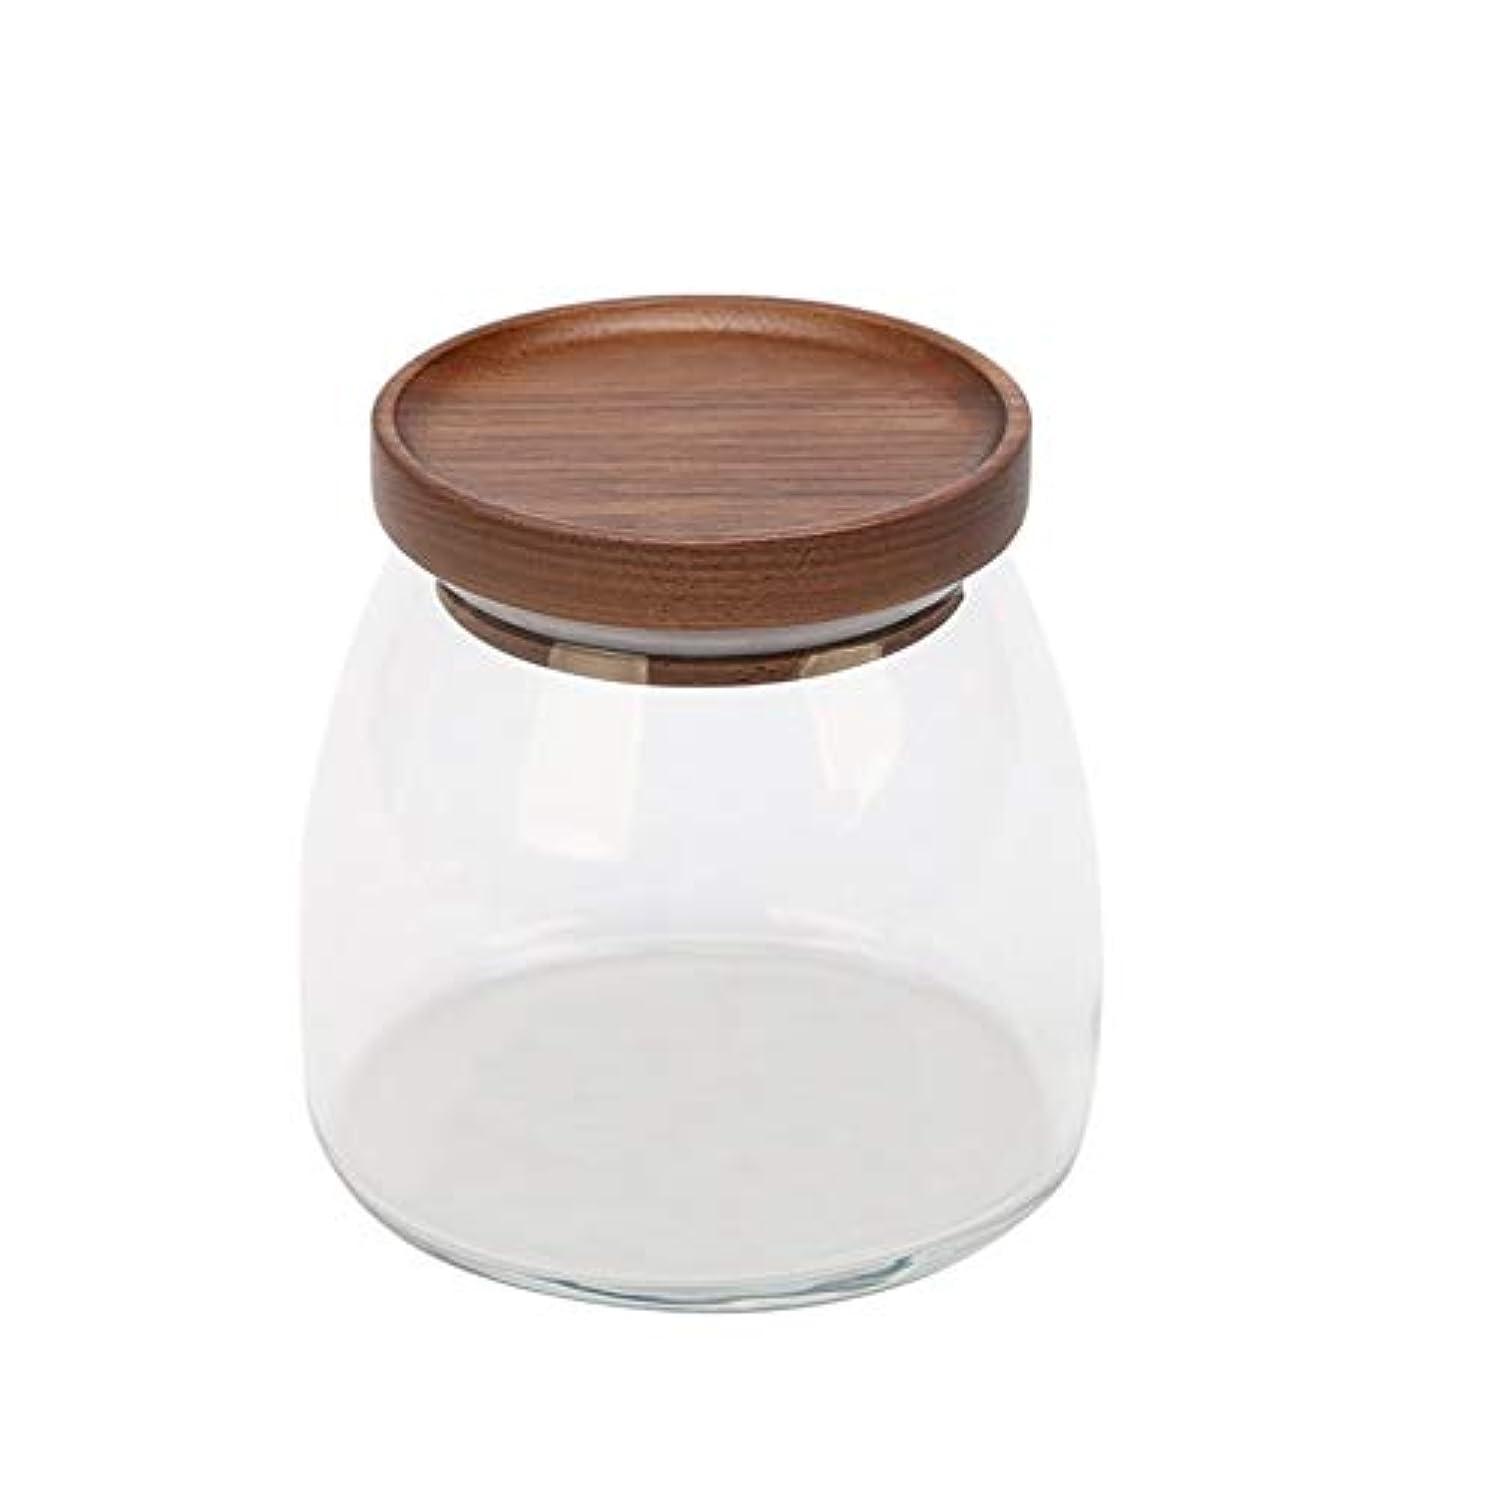 赤ちゃんセマフォ事業貯蔵タンク、透明ガラス貯蔵タンク、家庭用食品、茶瓶